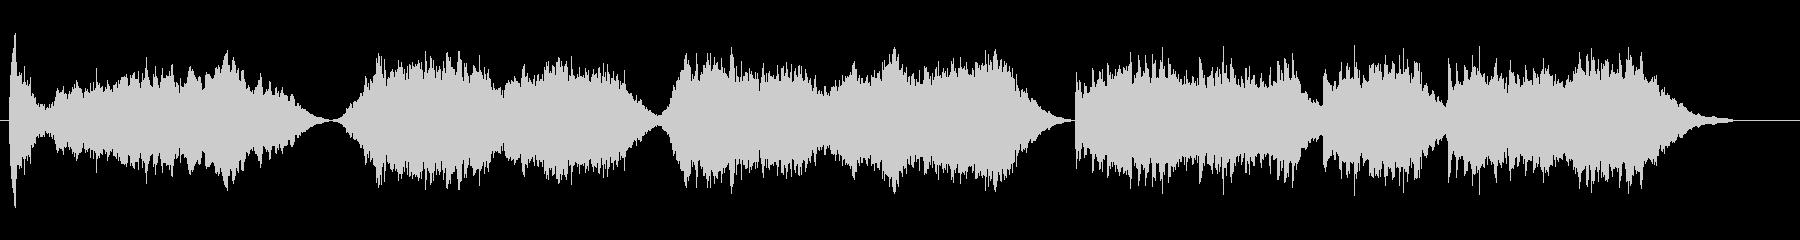 【オルゴール】幻想的なクリスマスソングの未再生の波形